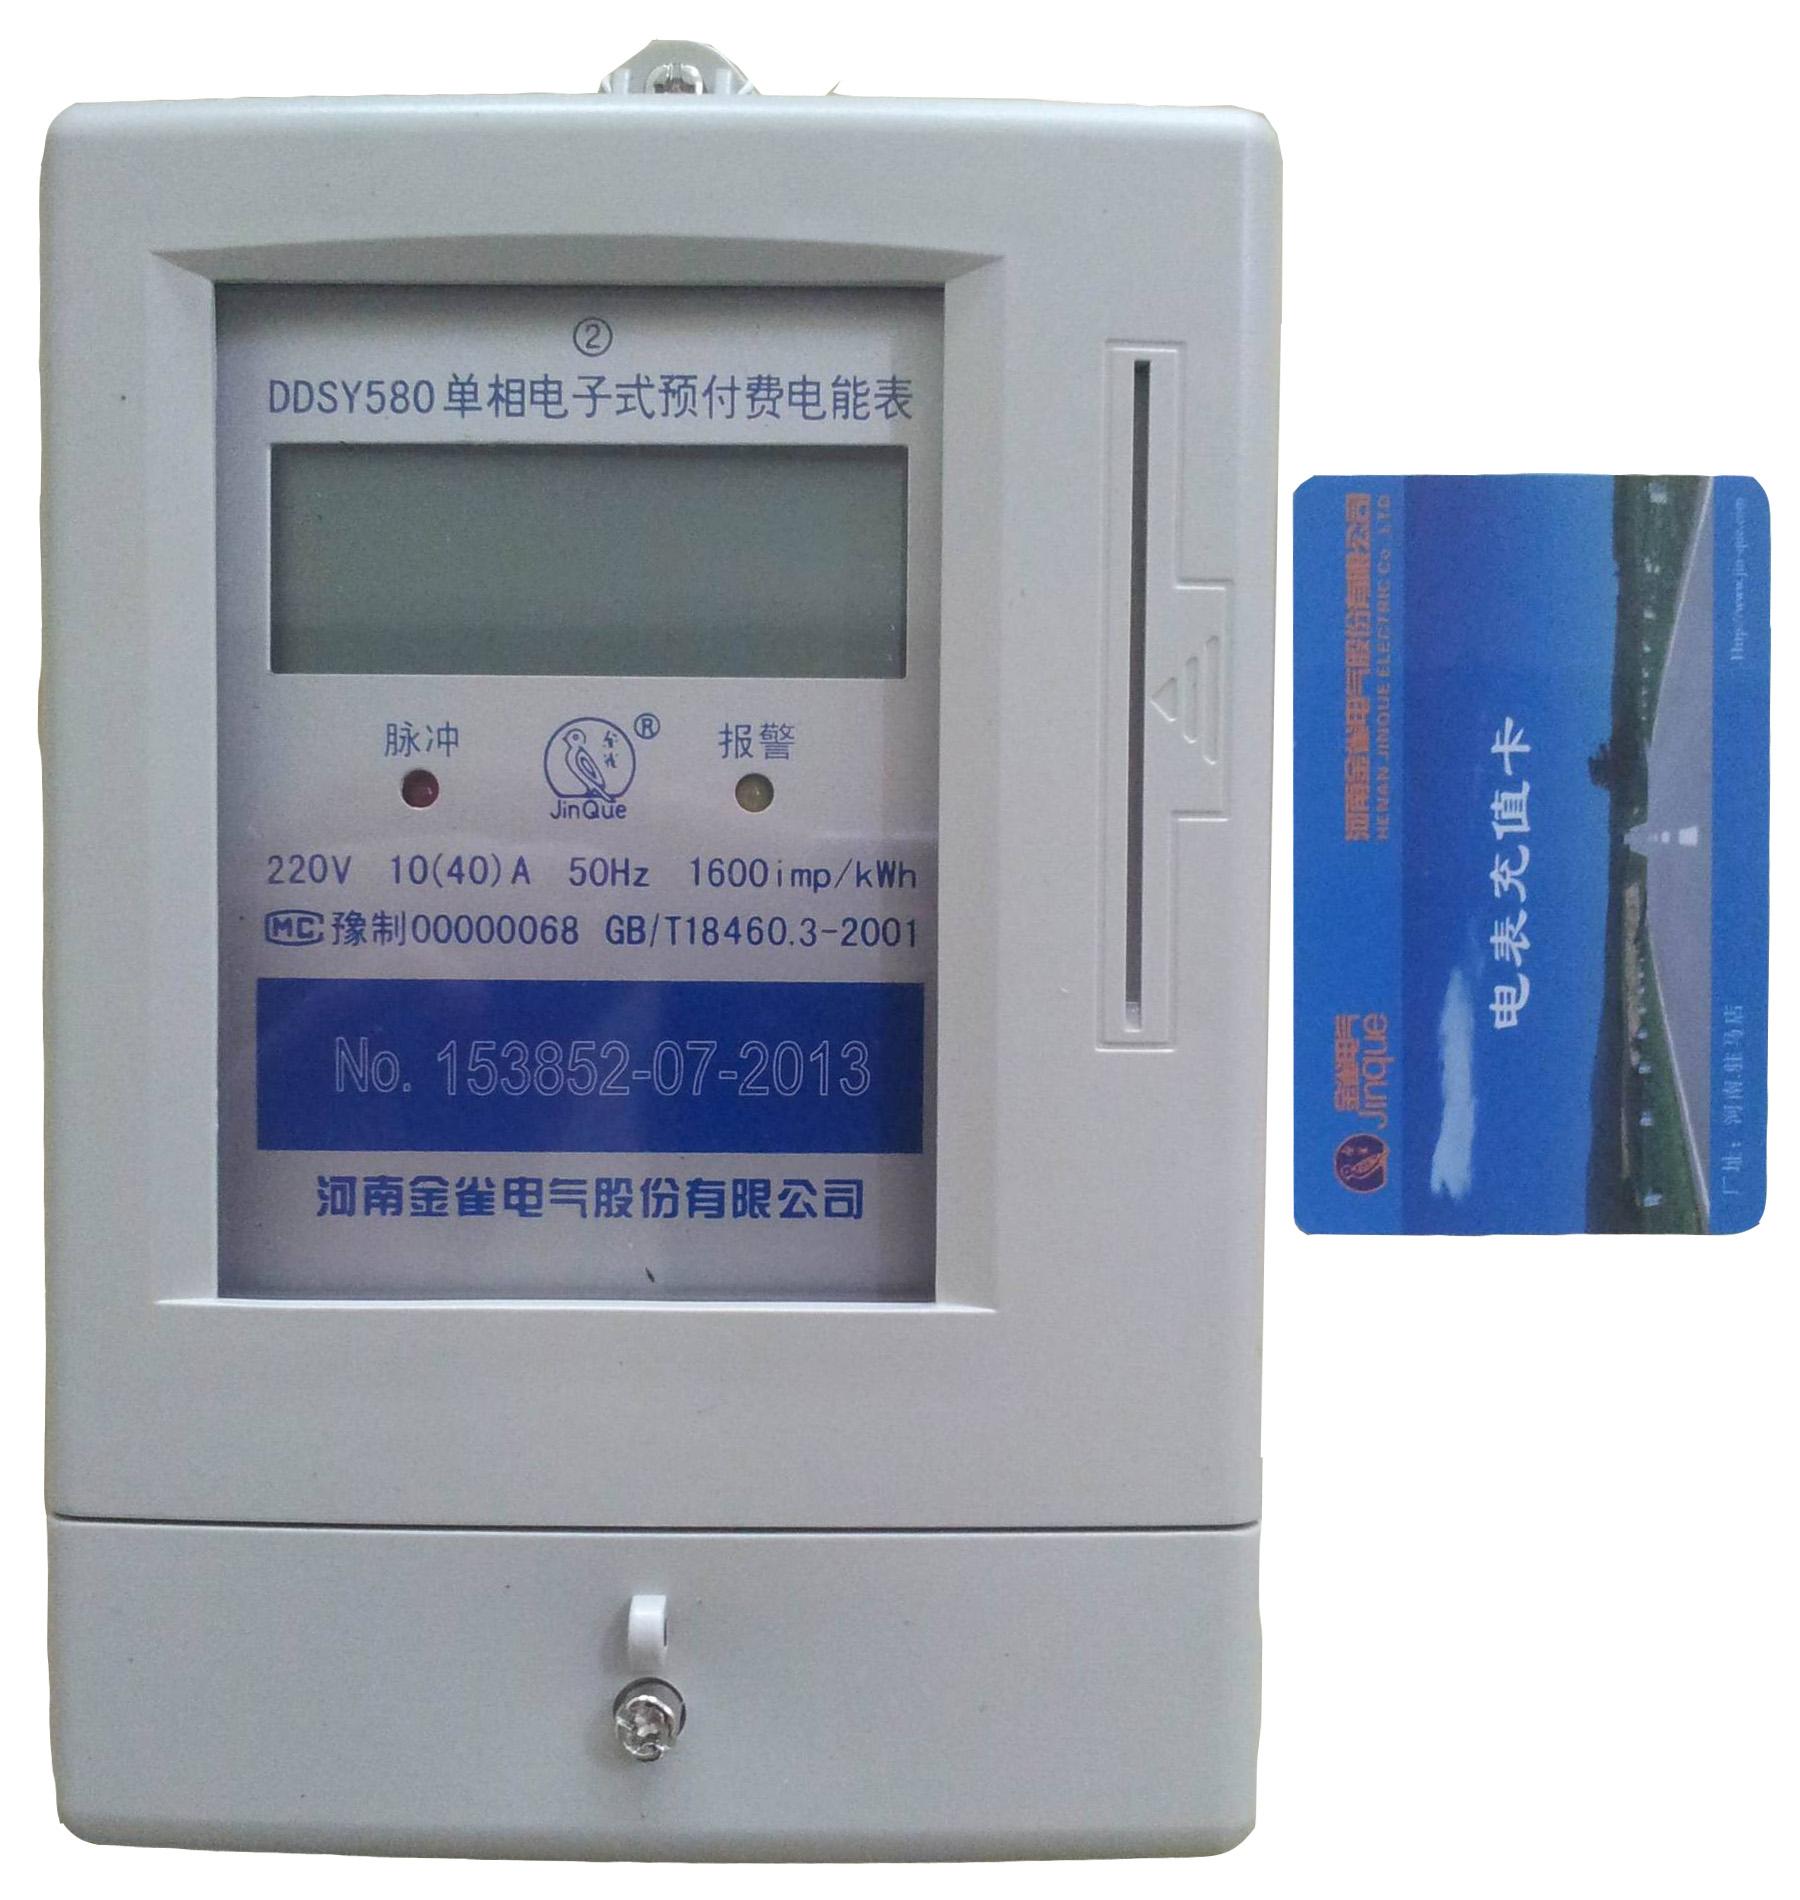 ddsy580单相电子式多用户预付费电能表